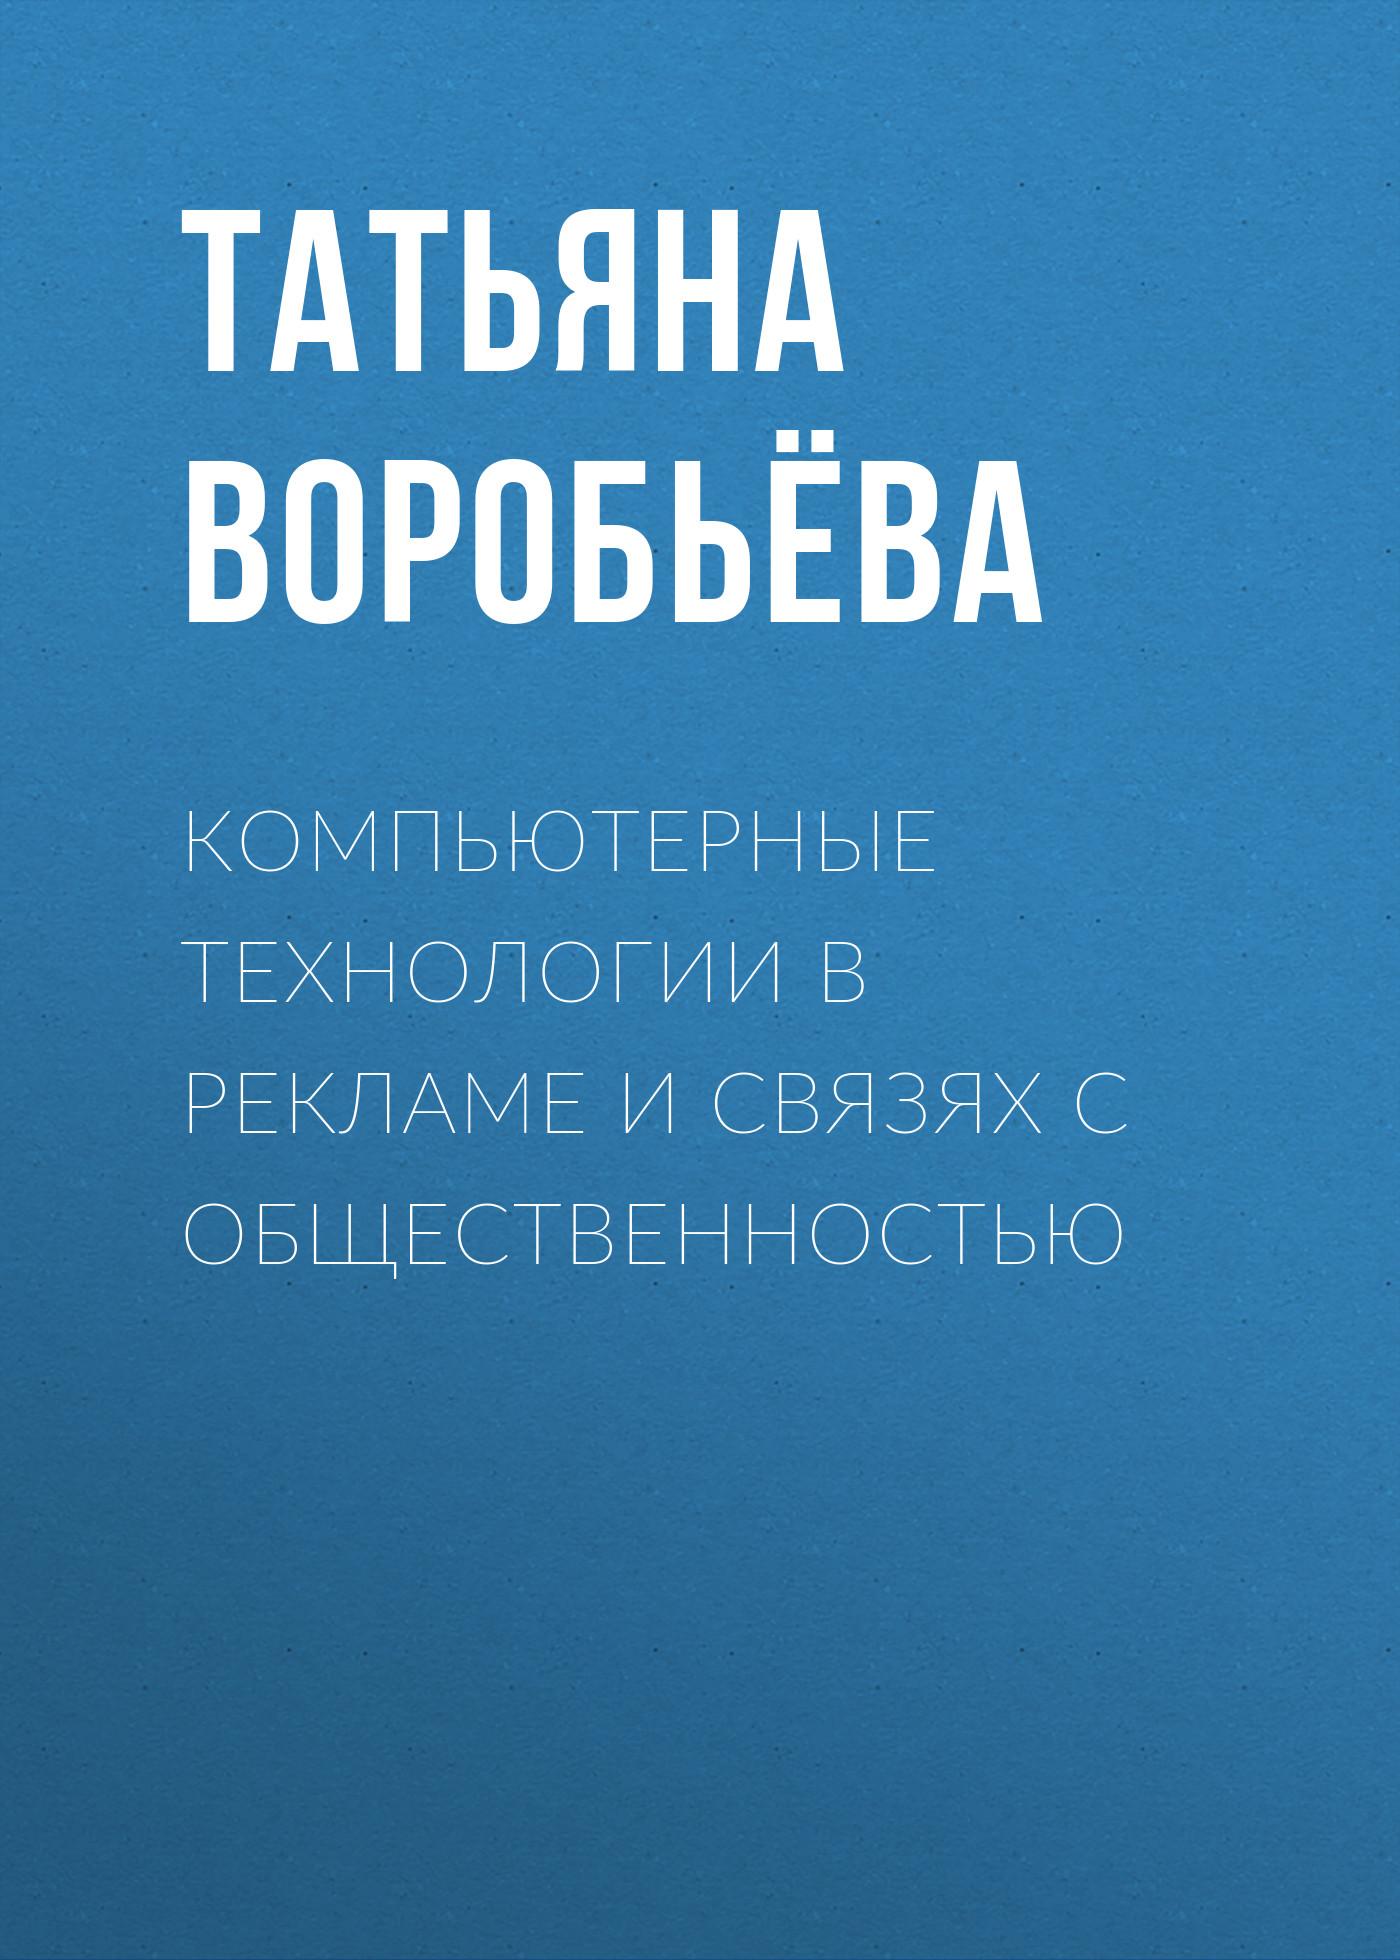 Татьяна Воробьёва Компьютерные технологии в рекламе и связях с общественностью кира алексеевна иванова ситуационный анализ в связях с общественностью